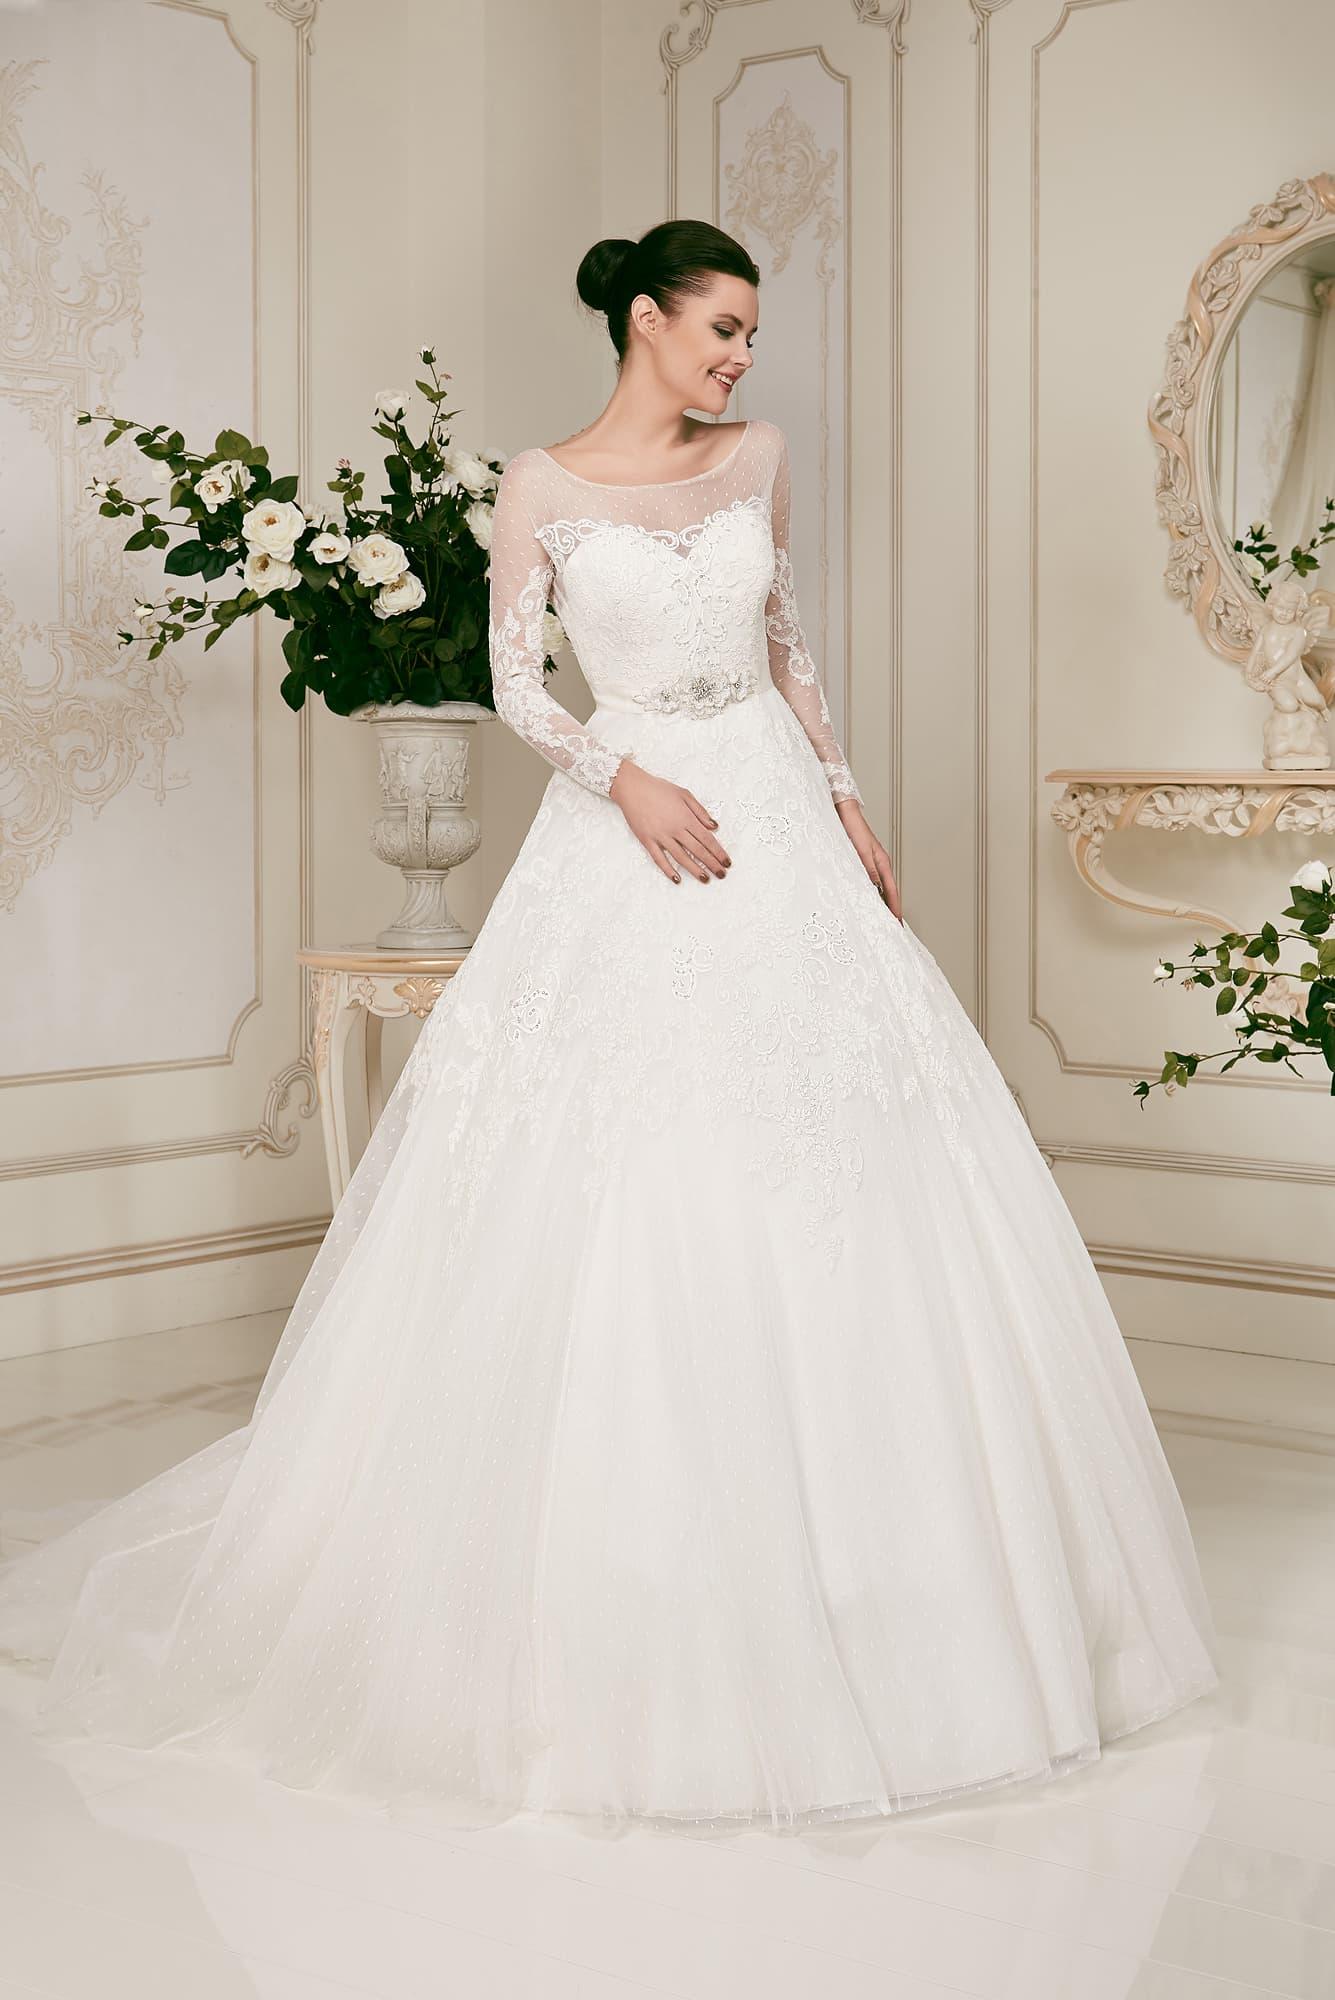 5fe35d45f8d Пышное свадебное платье с длинными полупрозрачными рукавами и кружевным  декором.